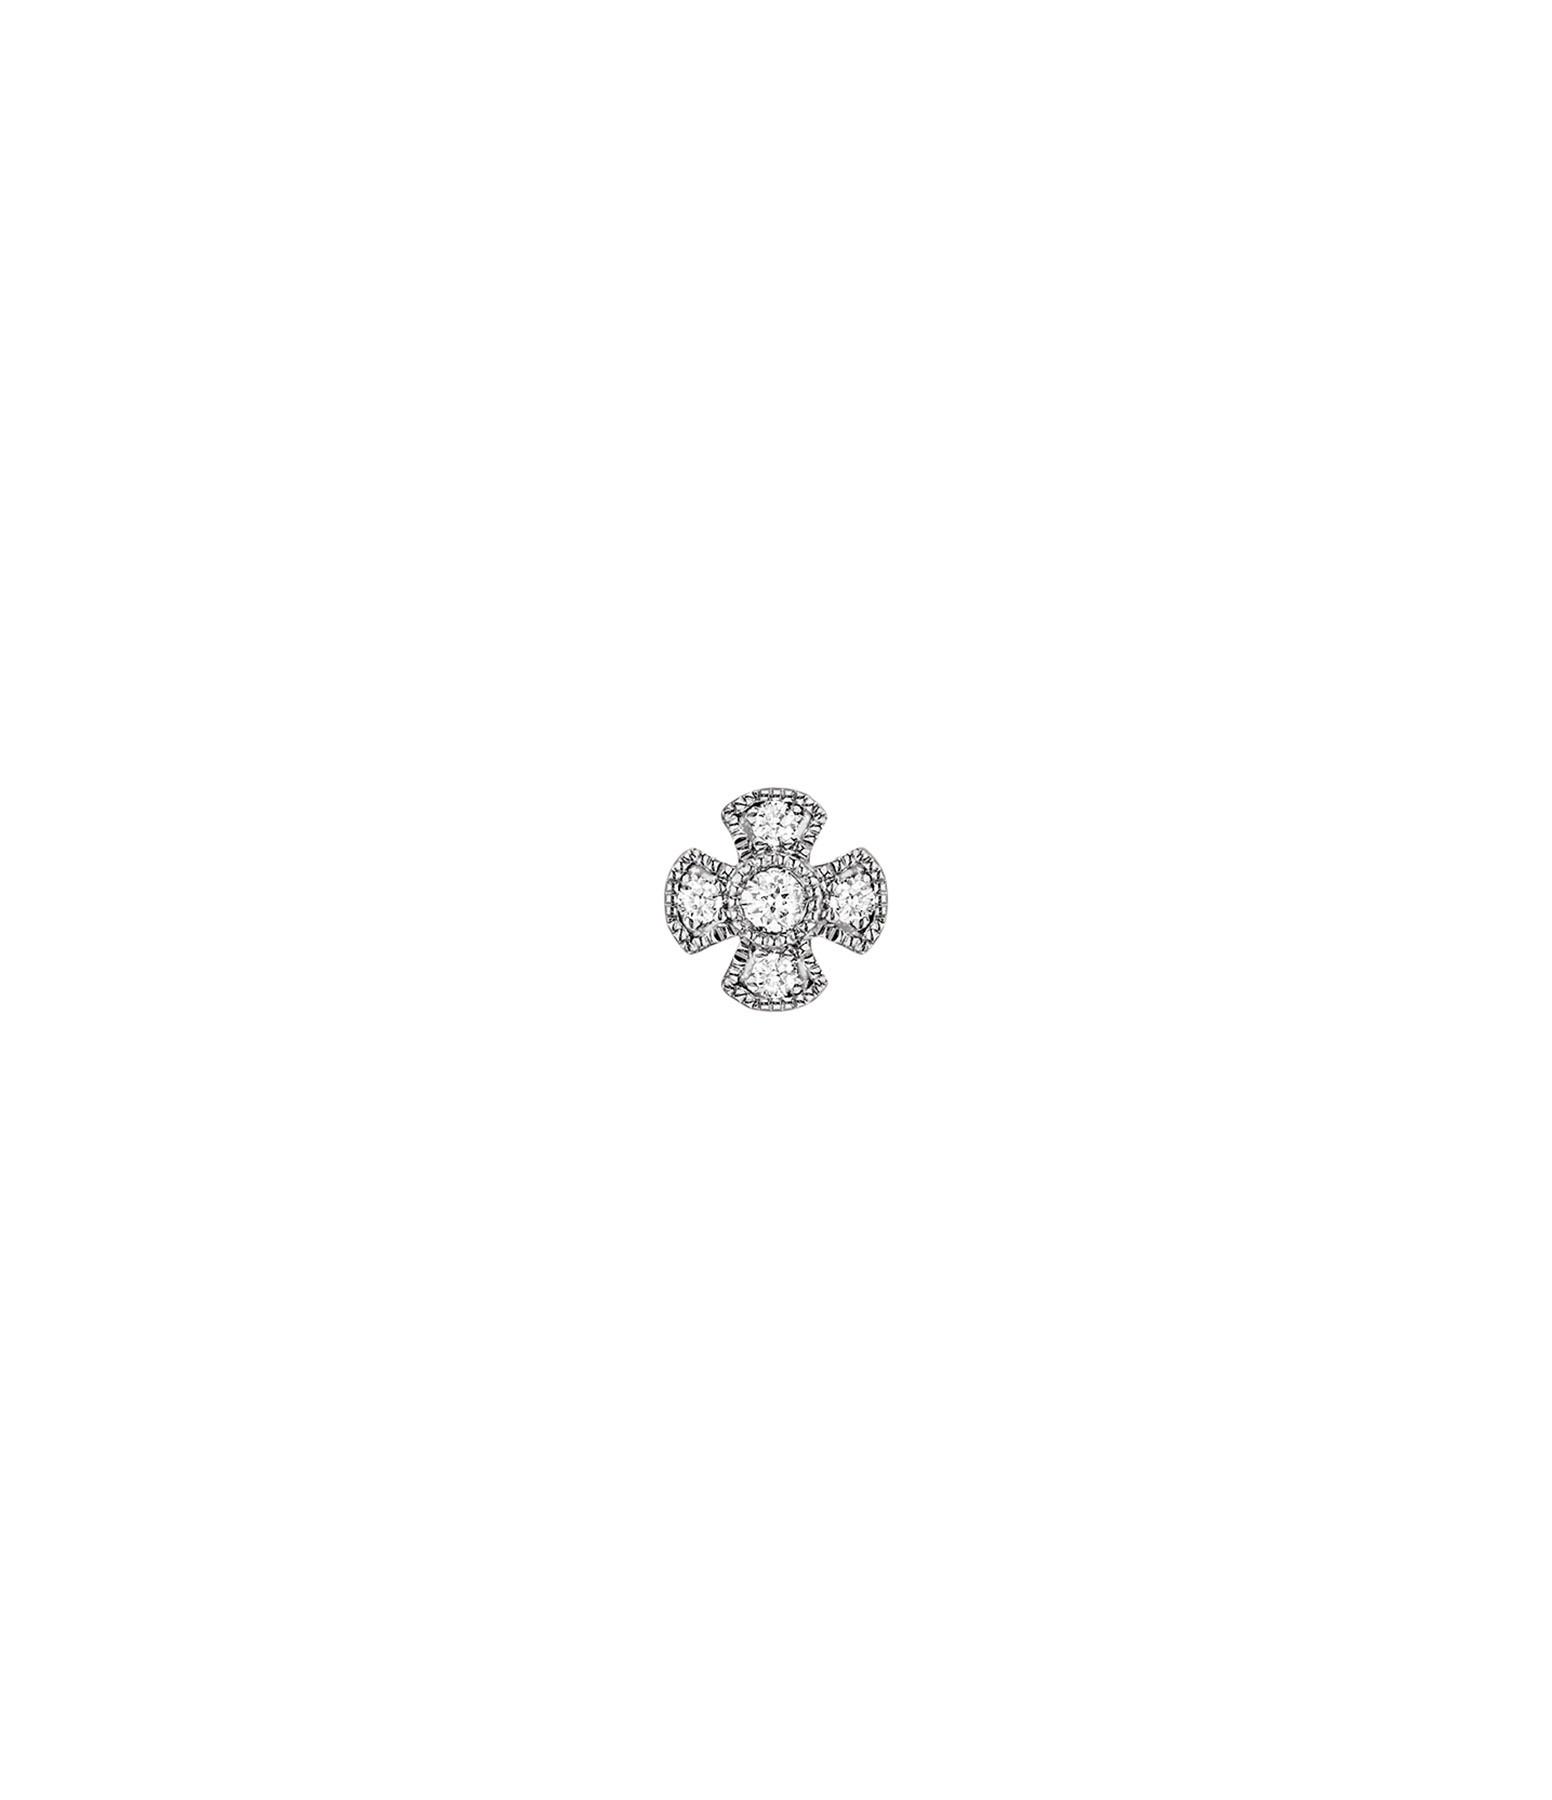 STONE PARIS - Boucle d'oreille Bouton Virgin Or Diamants (vendue à l'unité)